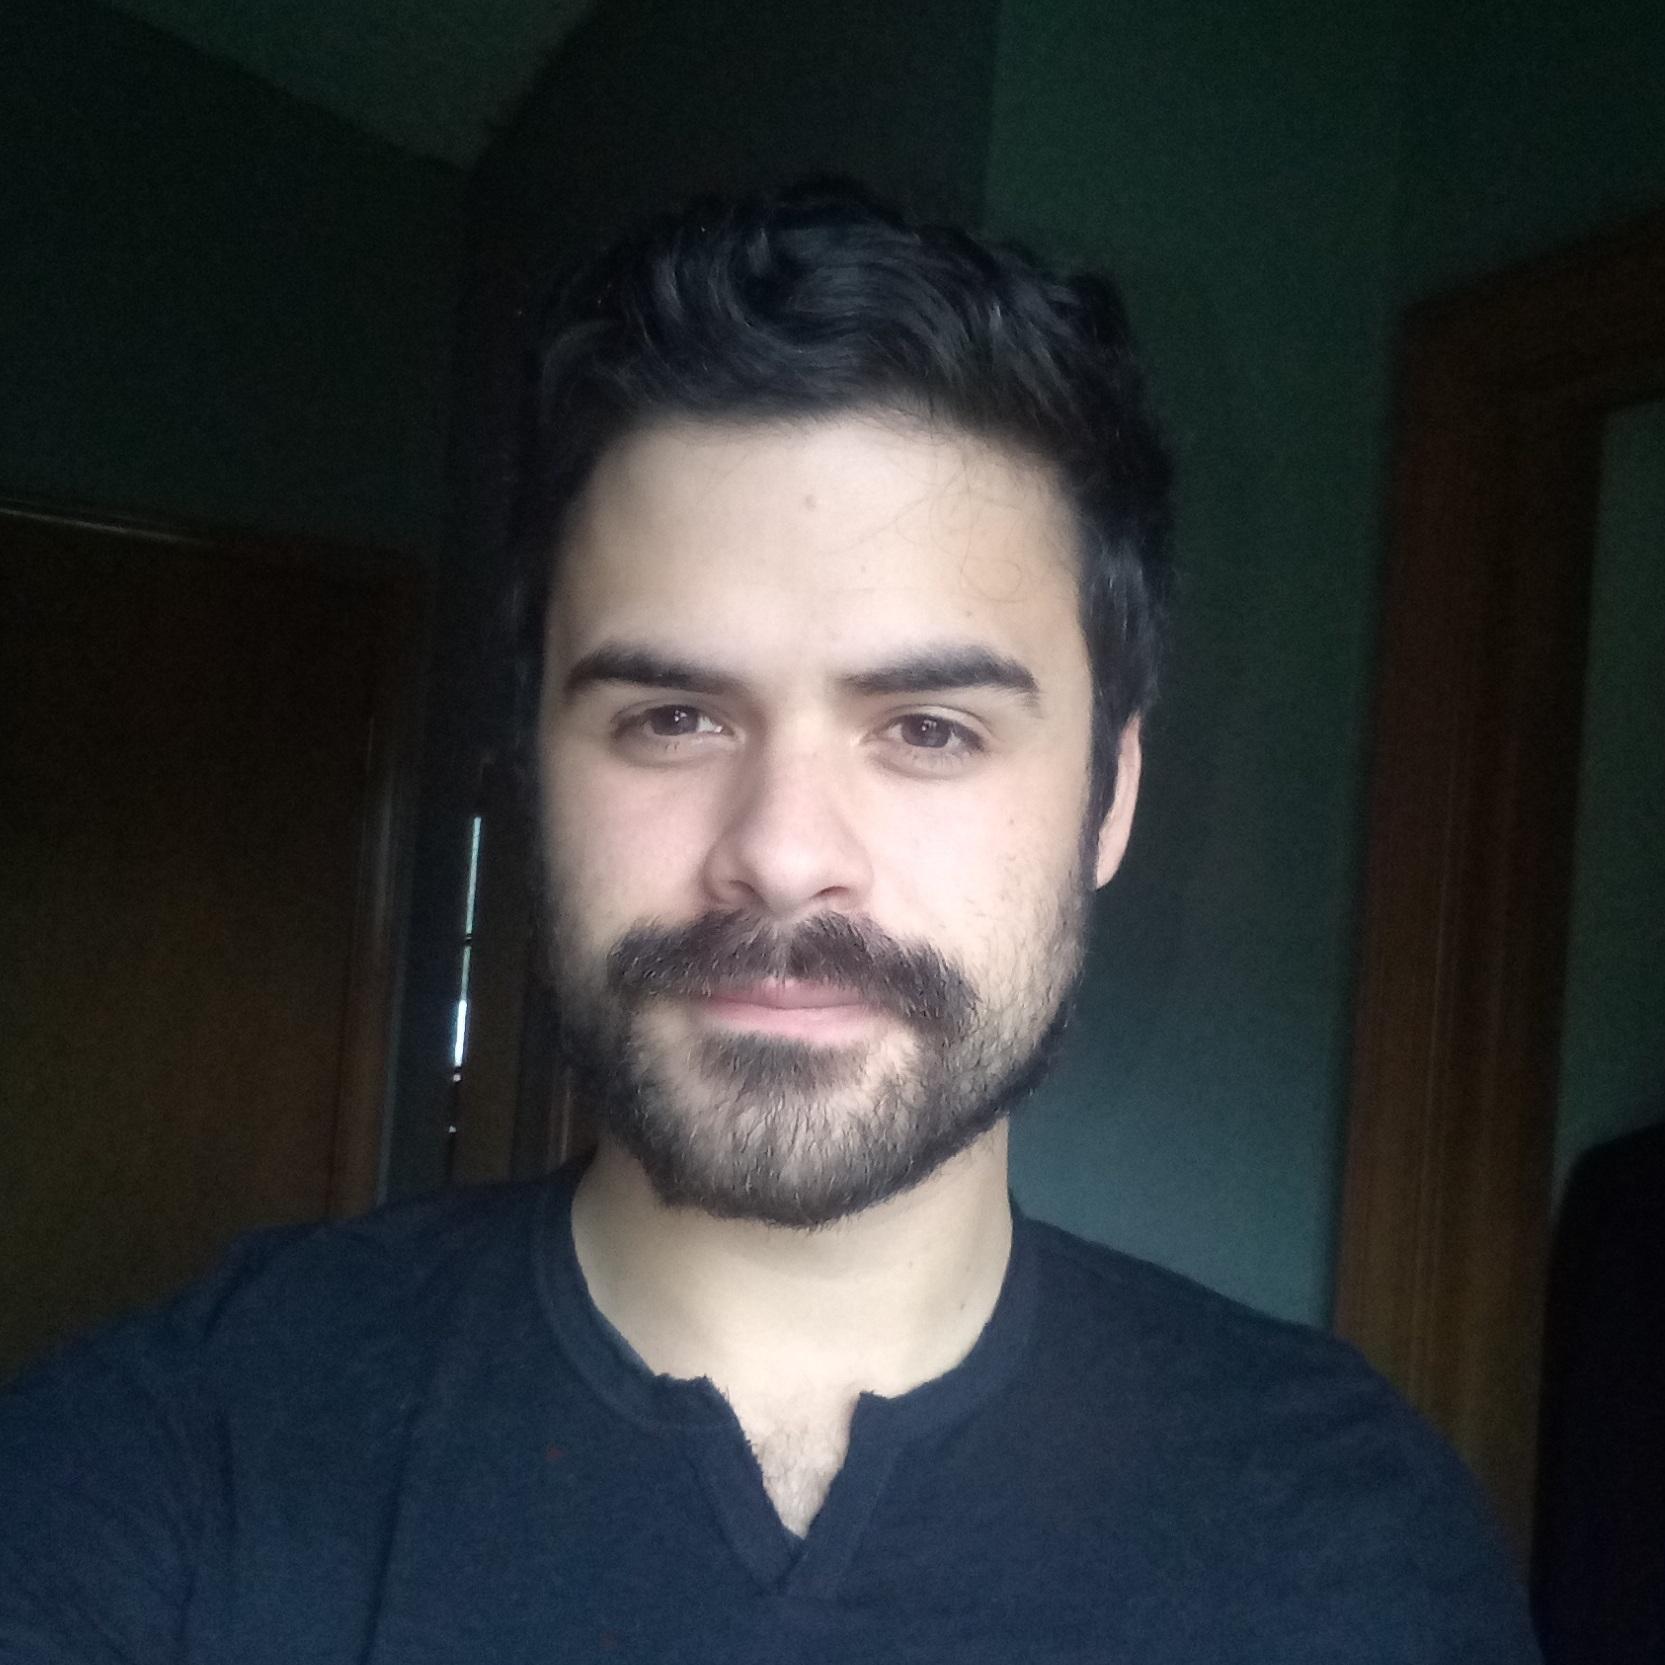 Christian Polania